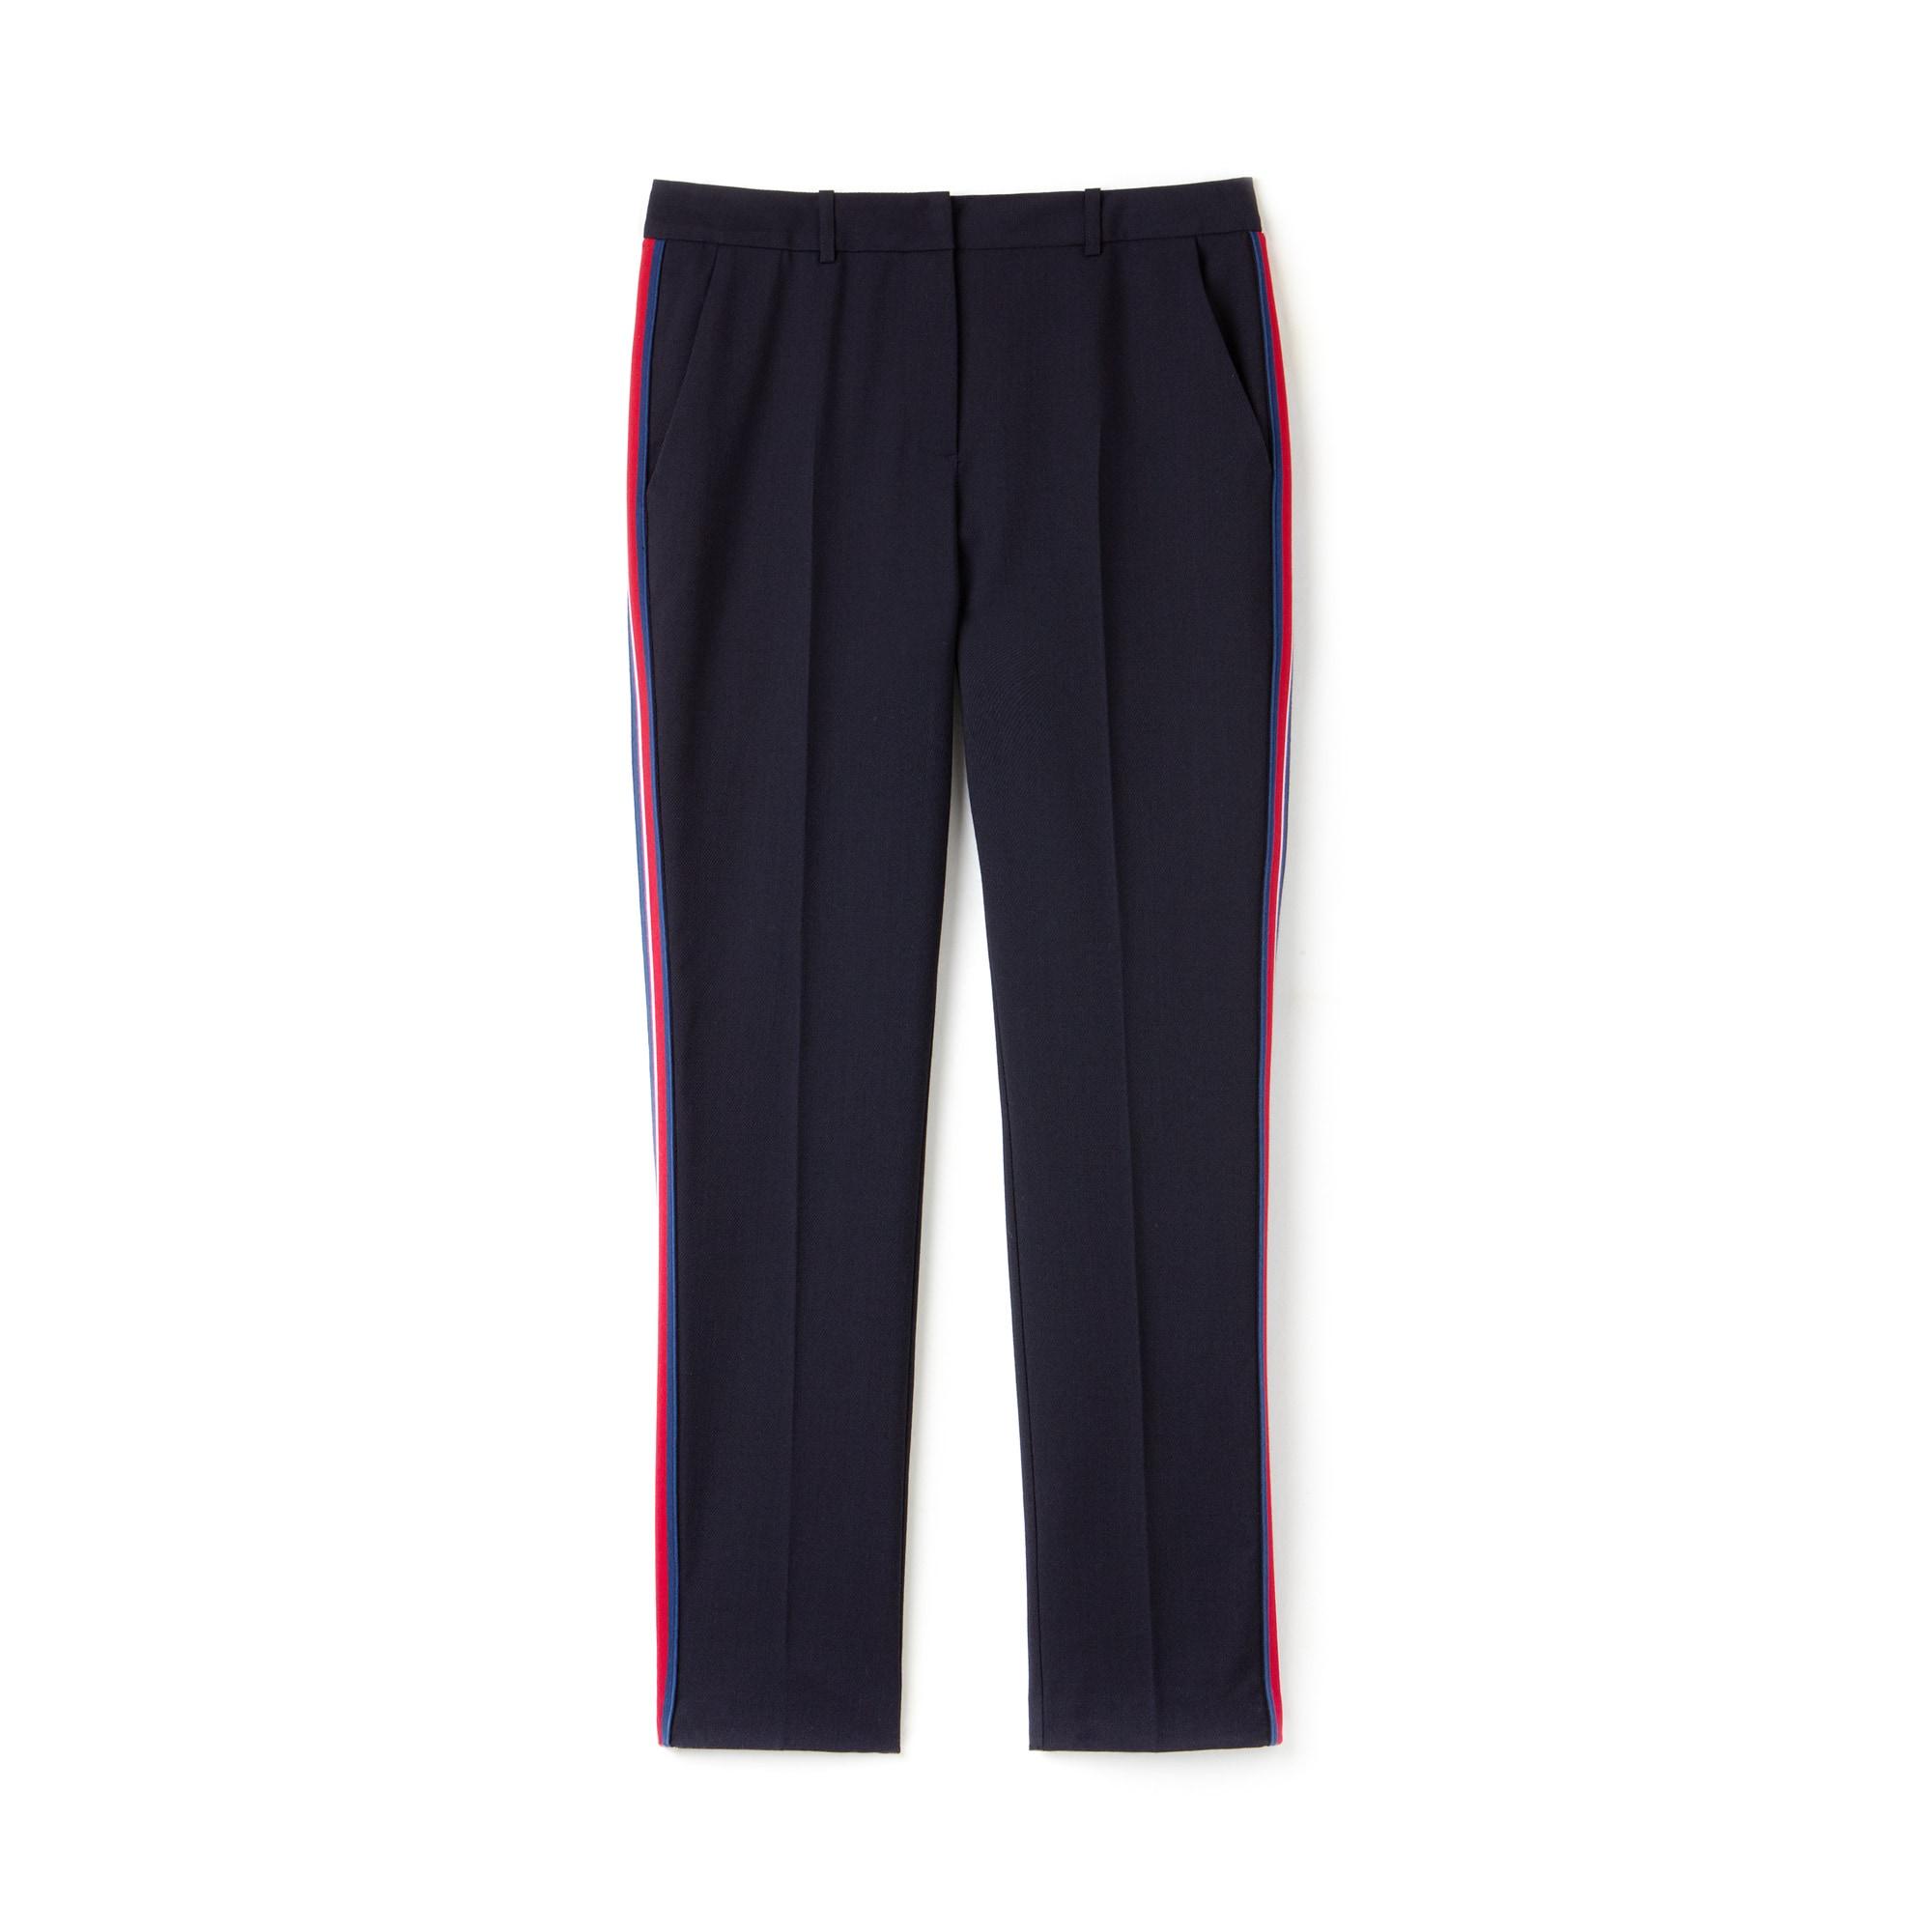 Pantalon slim fit en piqué de laine stretch à bandes latérales